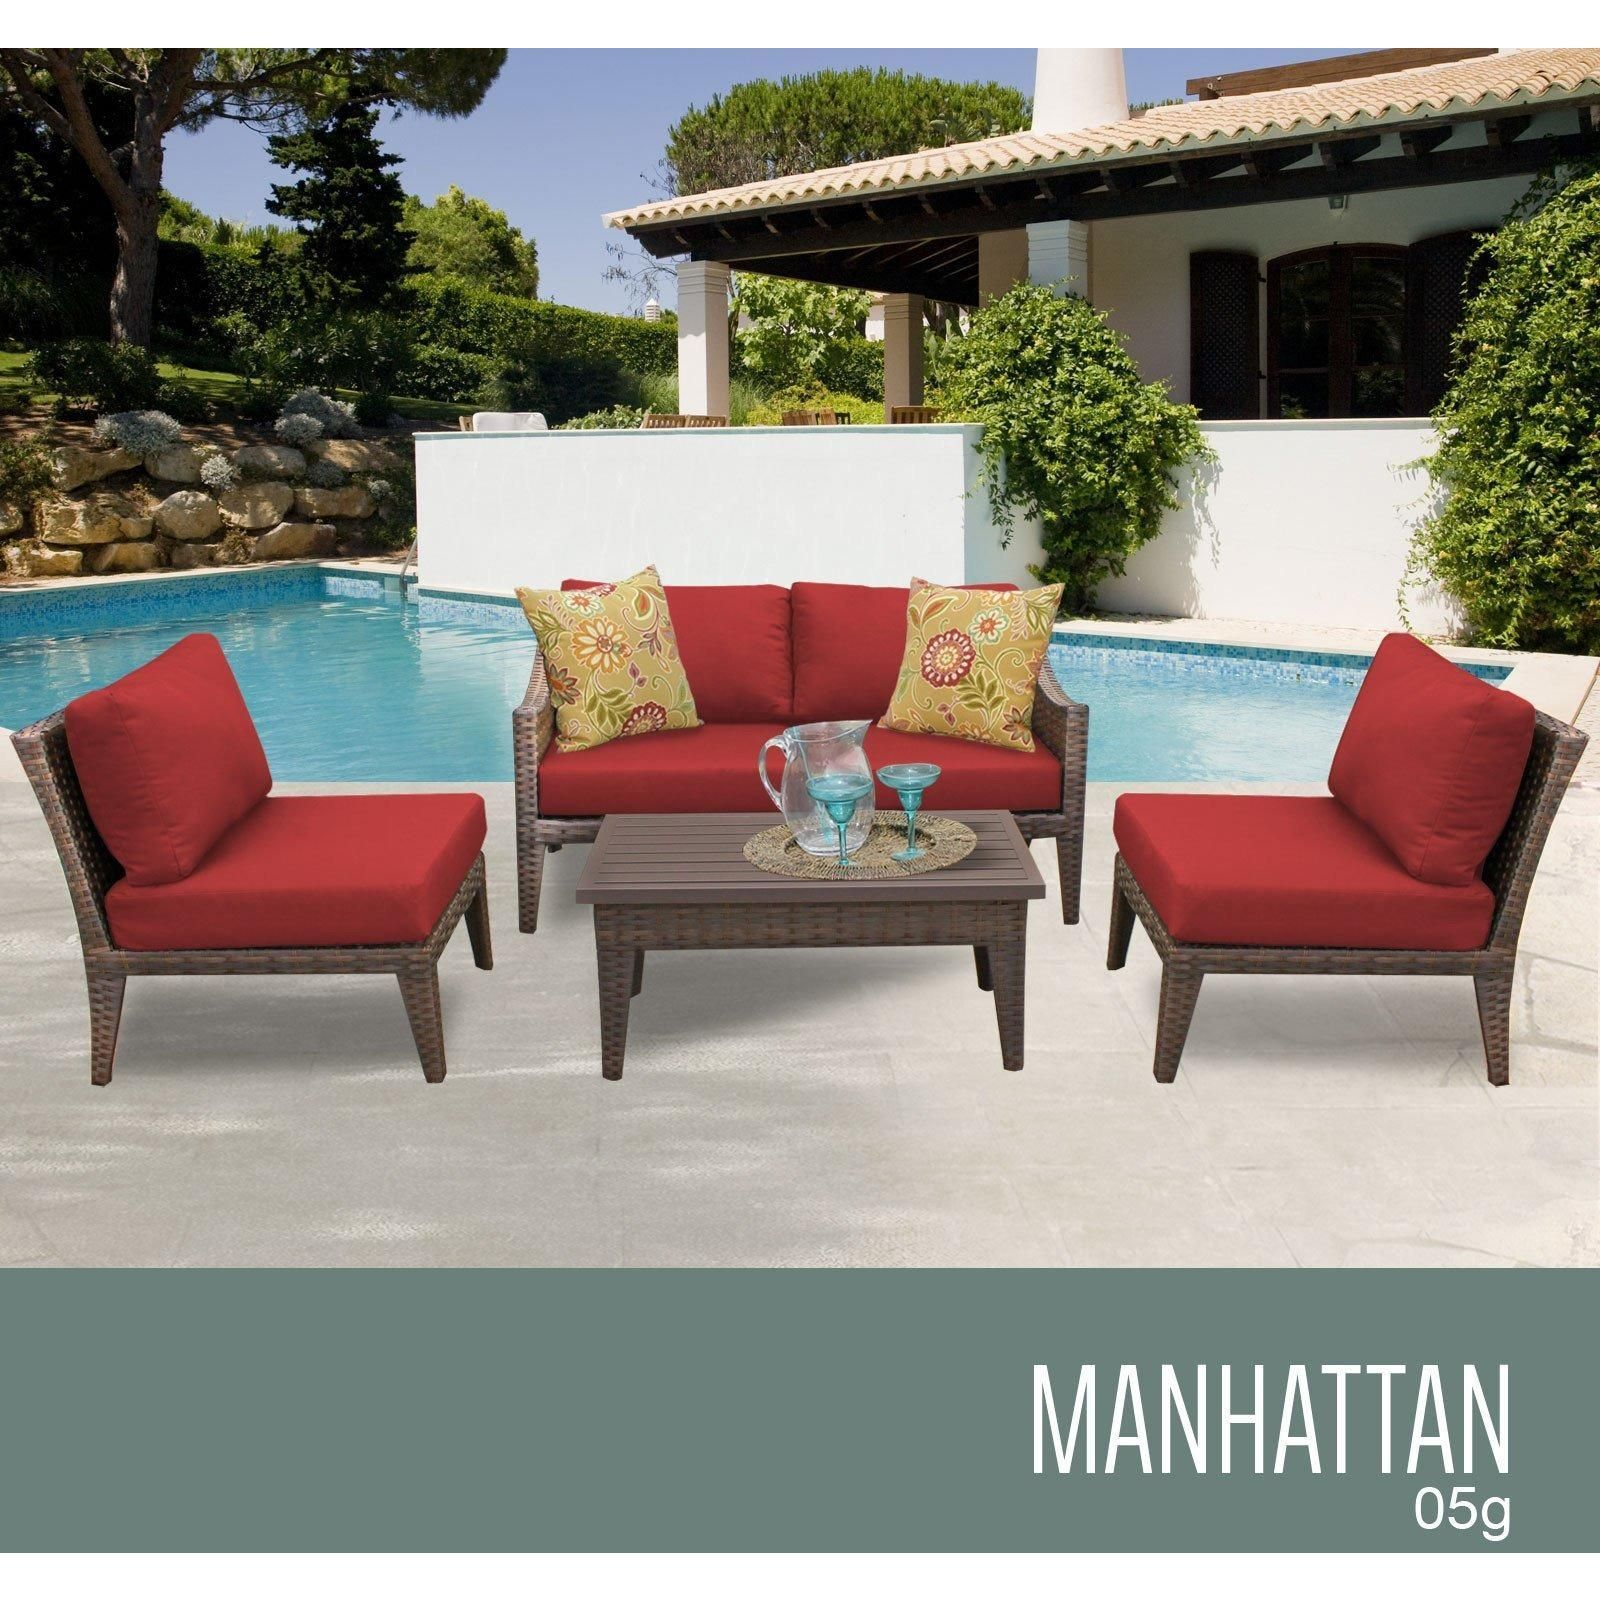 Manhattan 5 Piece Outdoor Wicker Patio Furniture Set 05g Outdoor